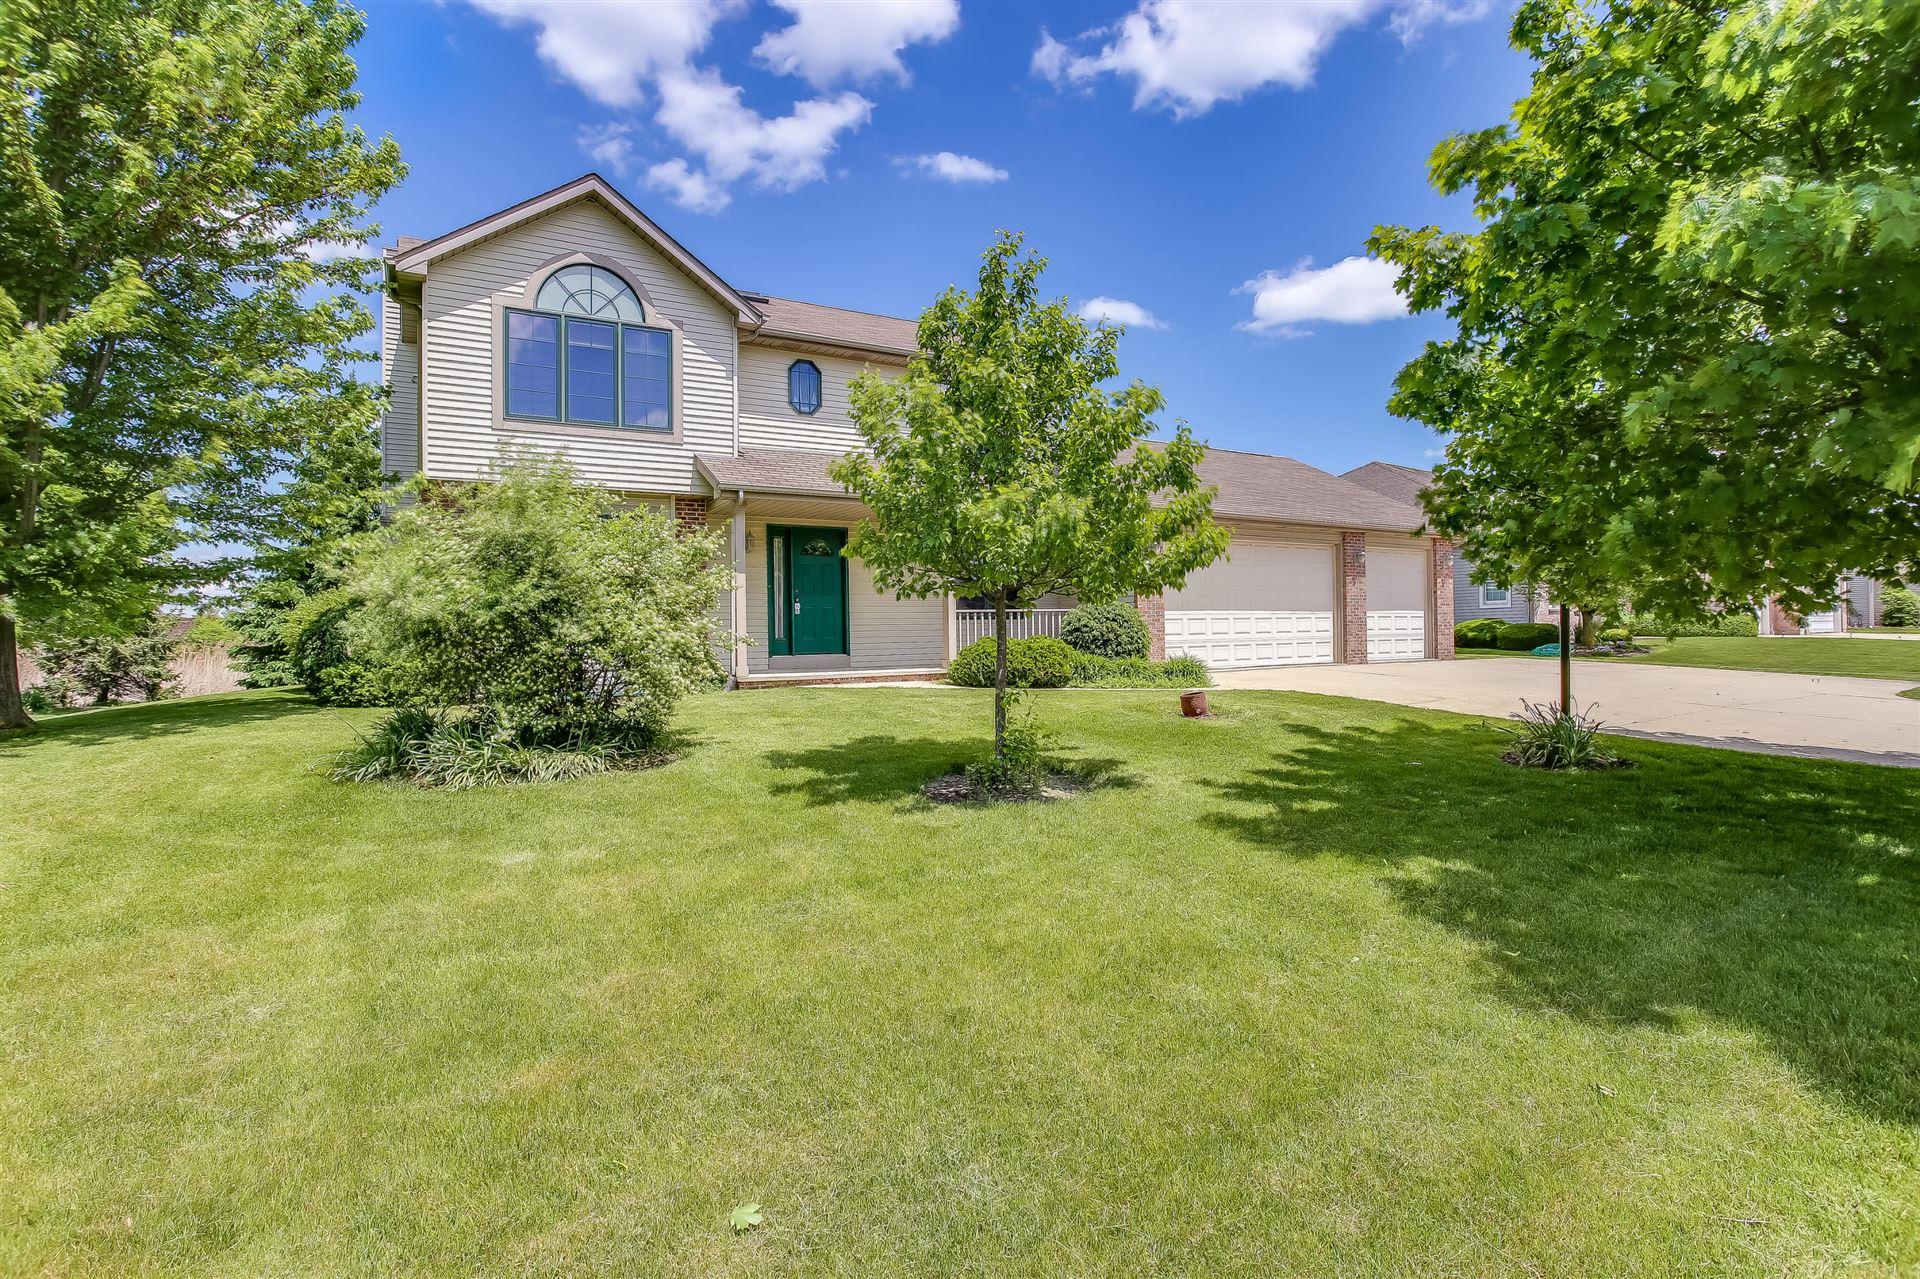 10210 80th St, Pleasant Prairie, WI 53158 - #: 1691651